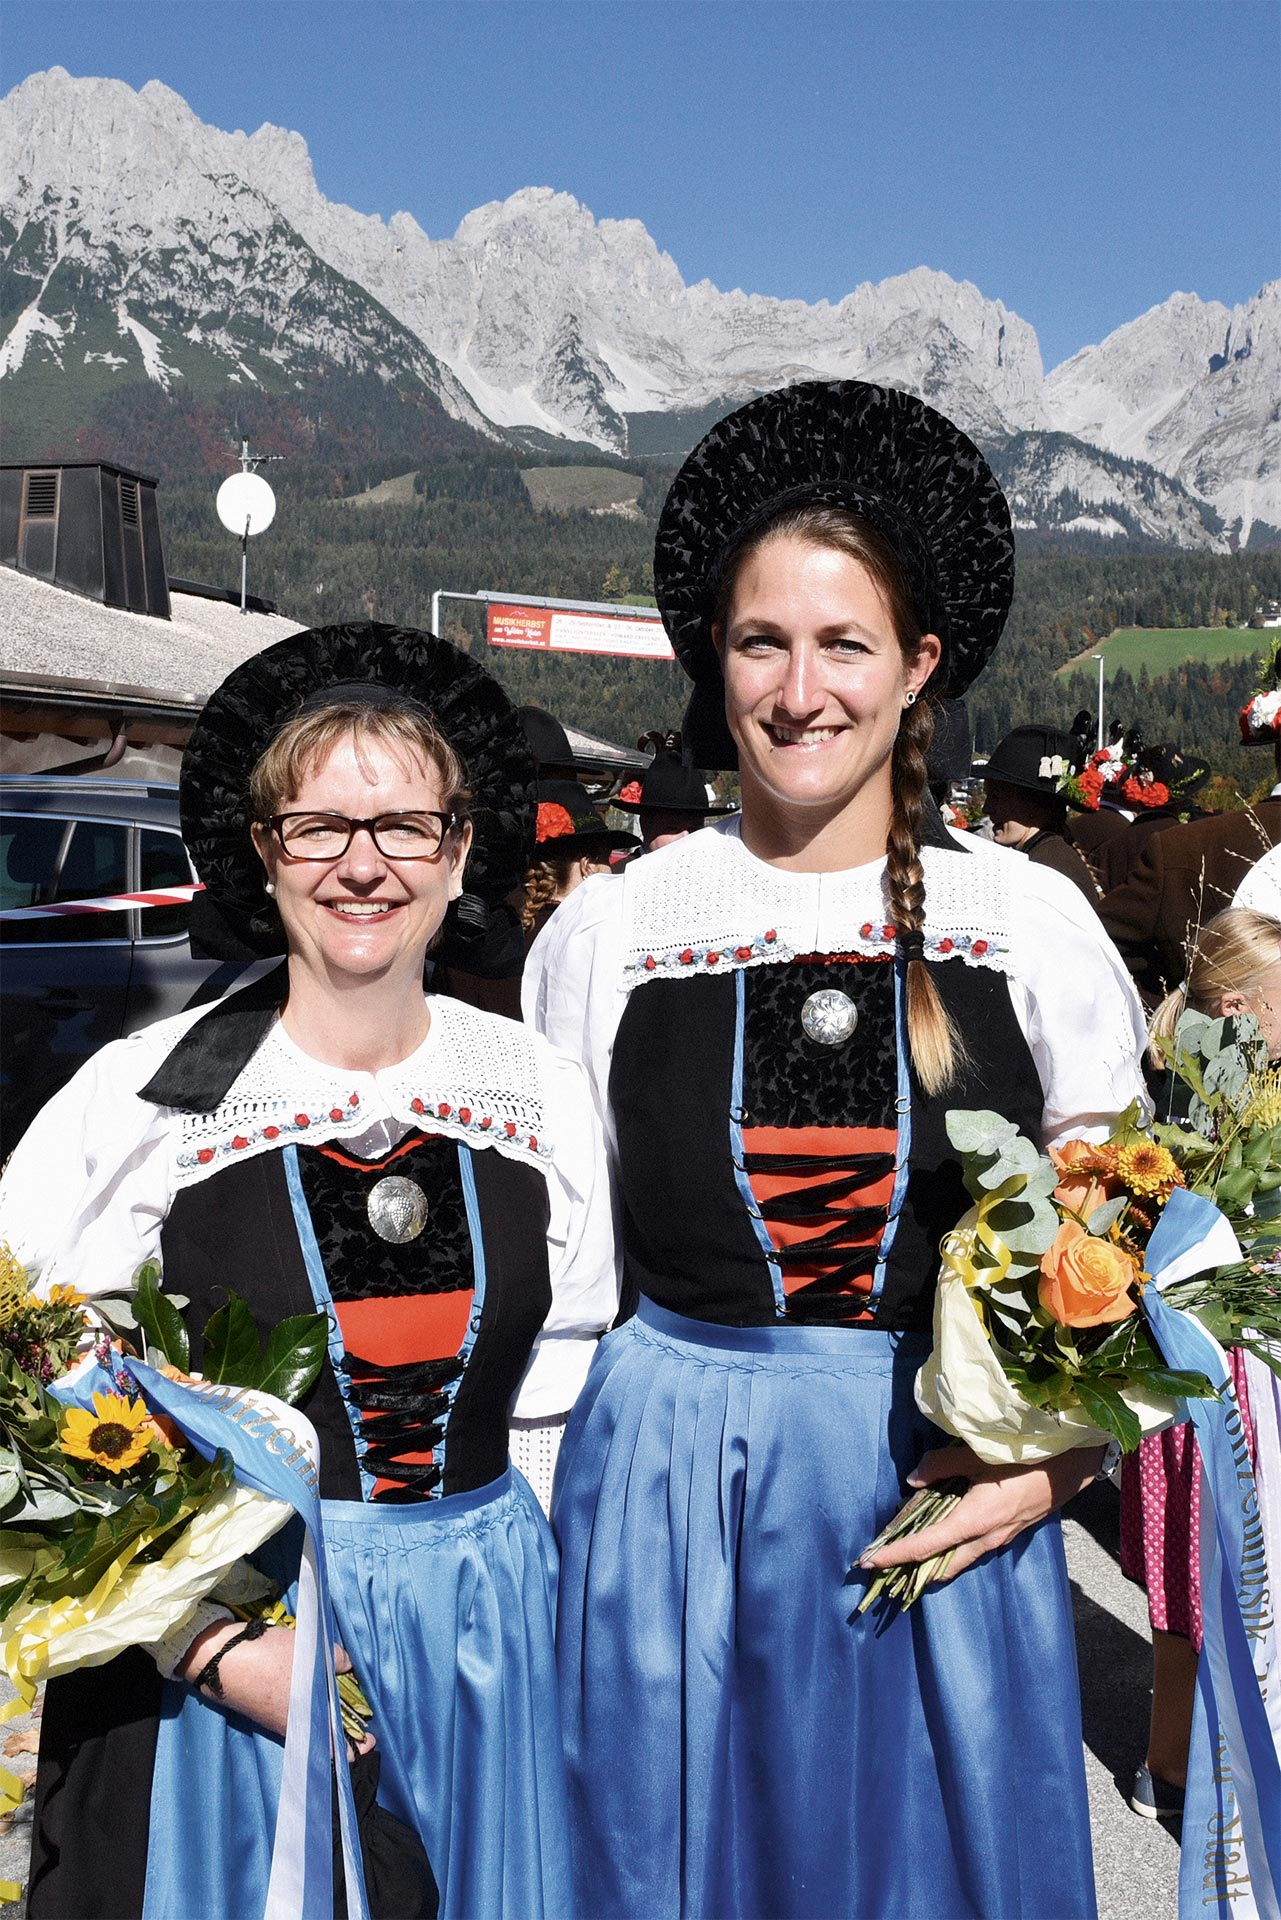 Blasmusikfestival am Wilden Kaiser